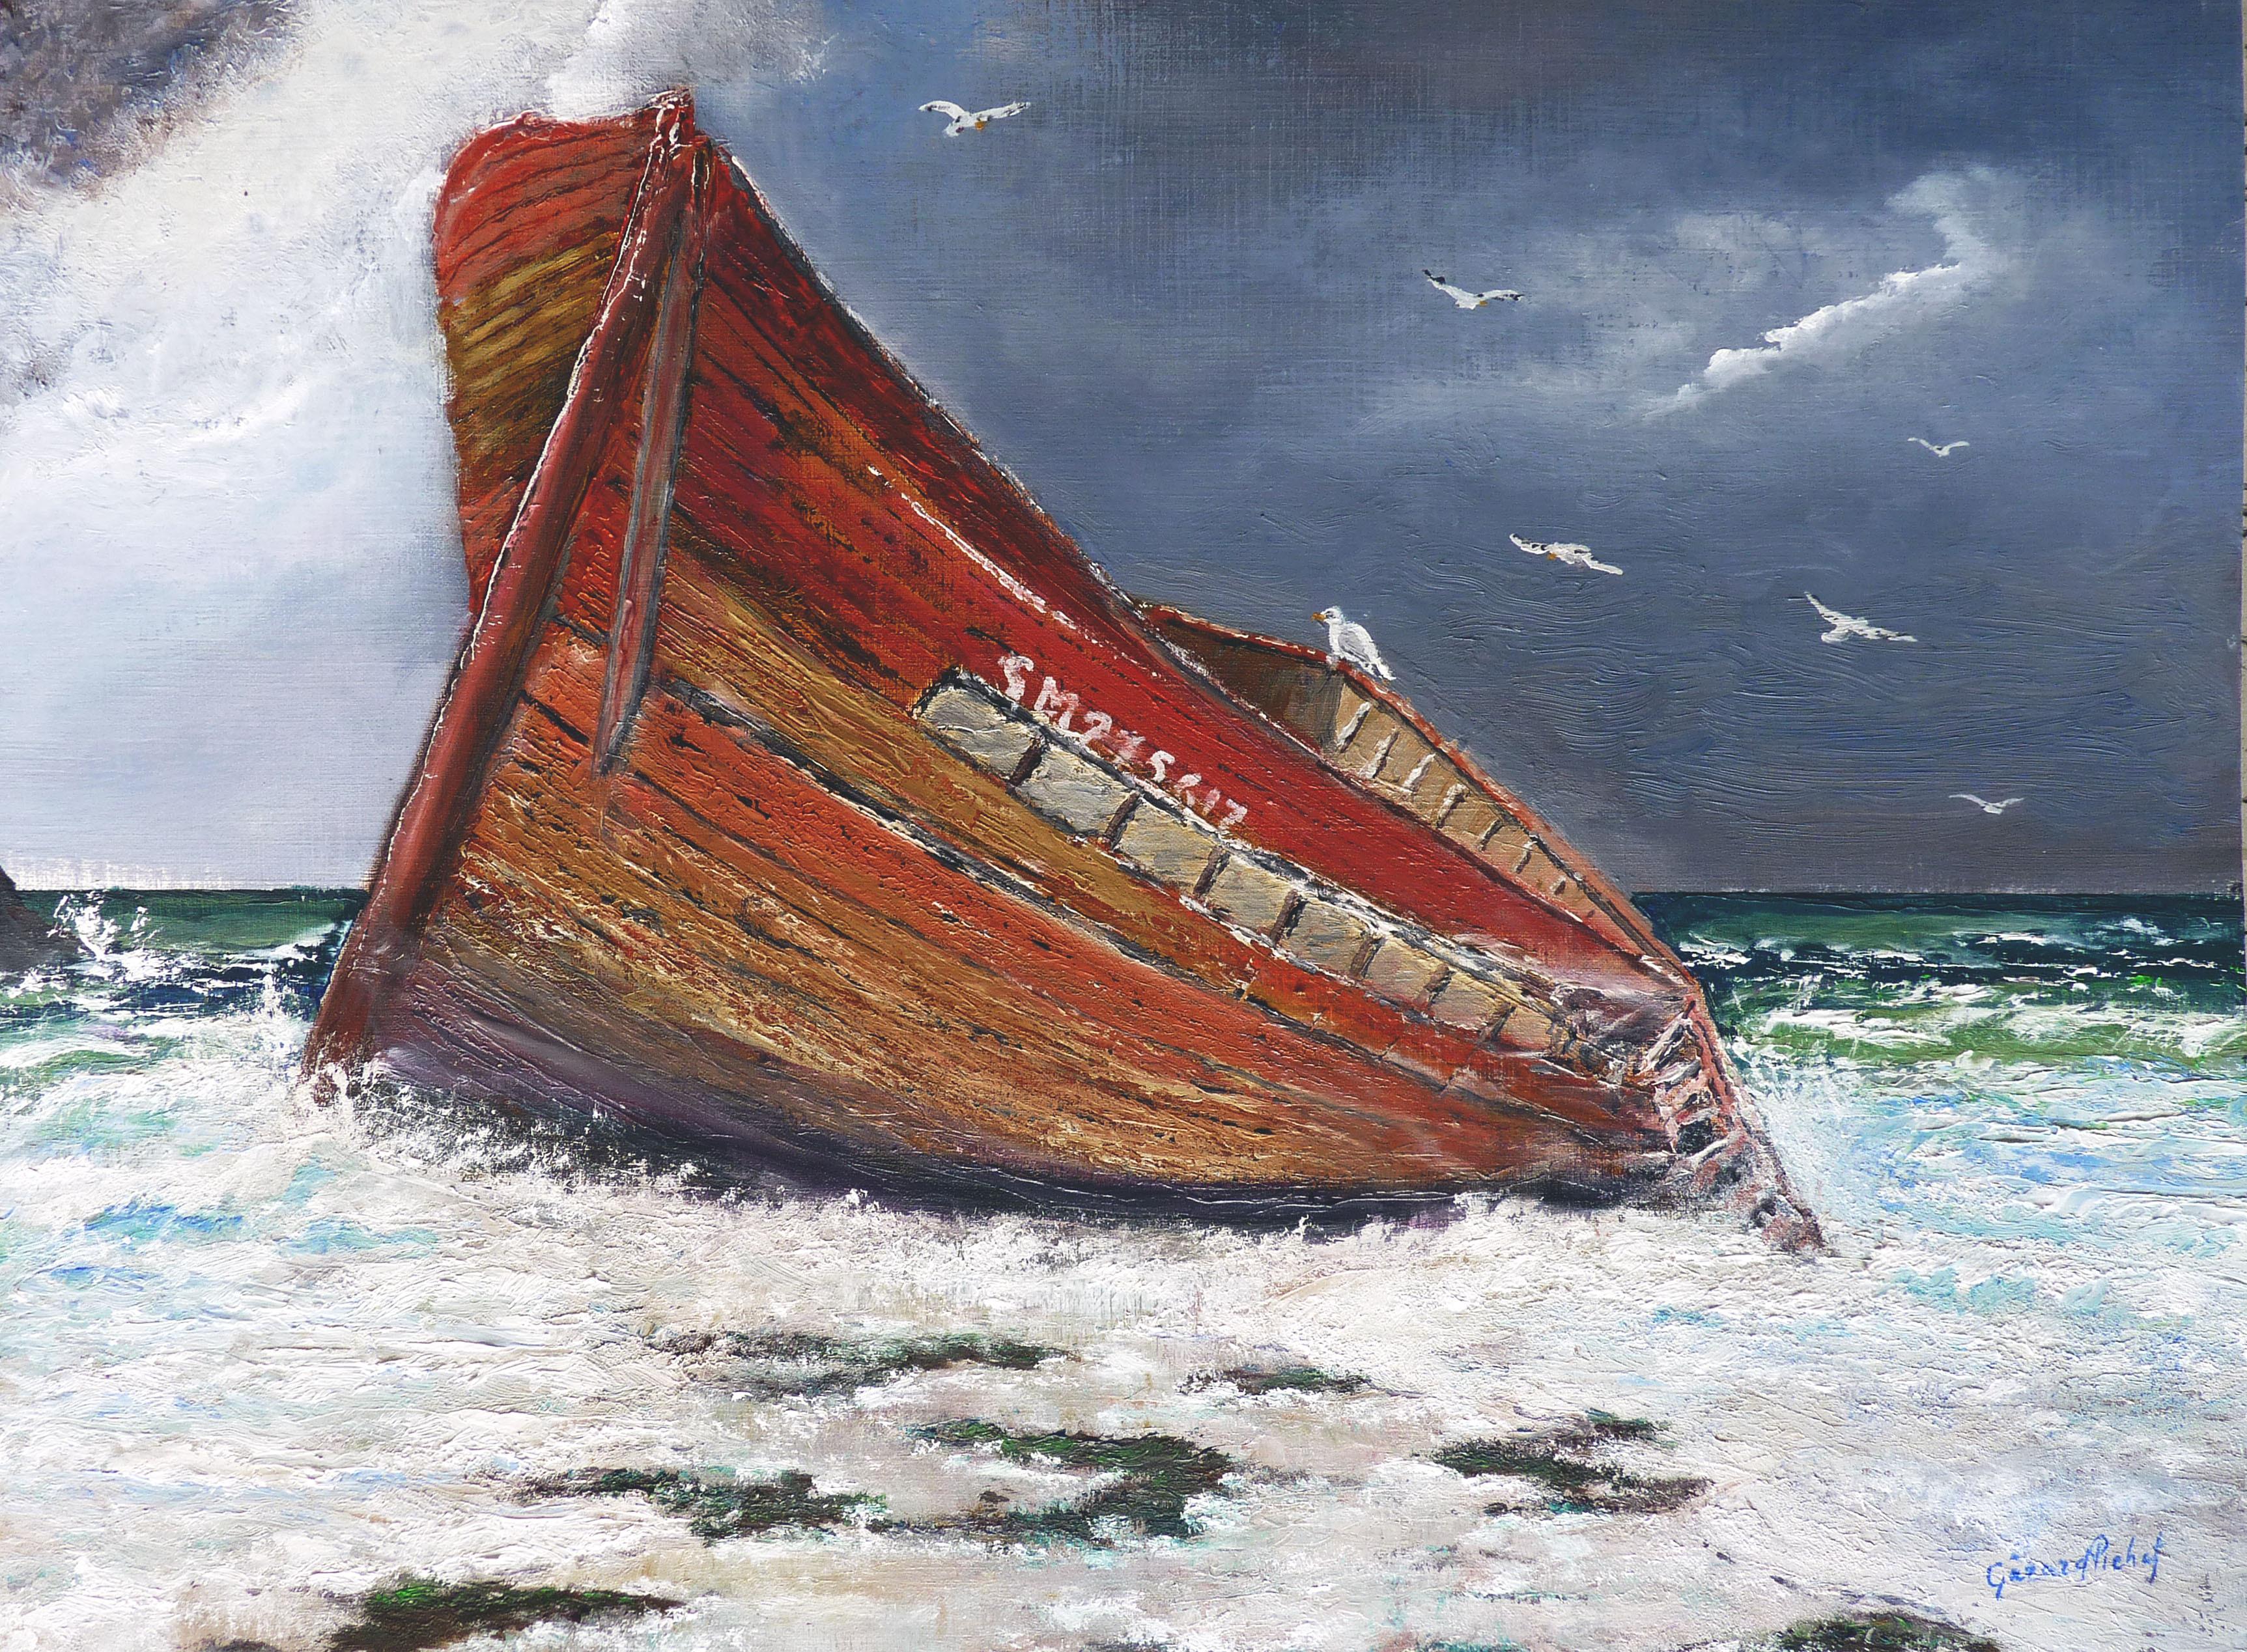 Barque échouée - Anatole Le Braz 504724.2010862497.2.o1005844000